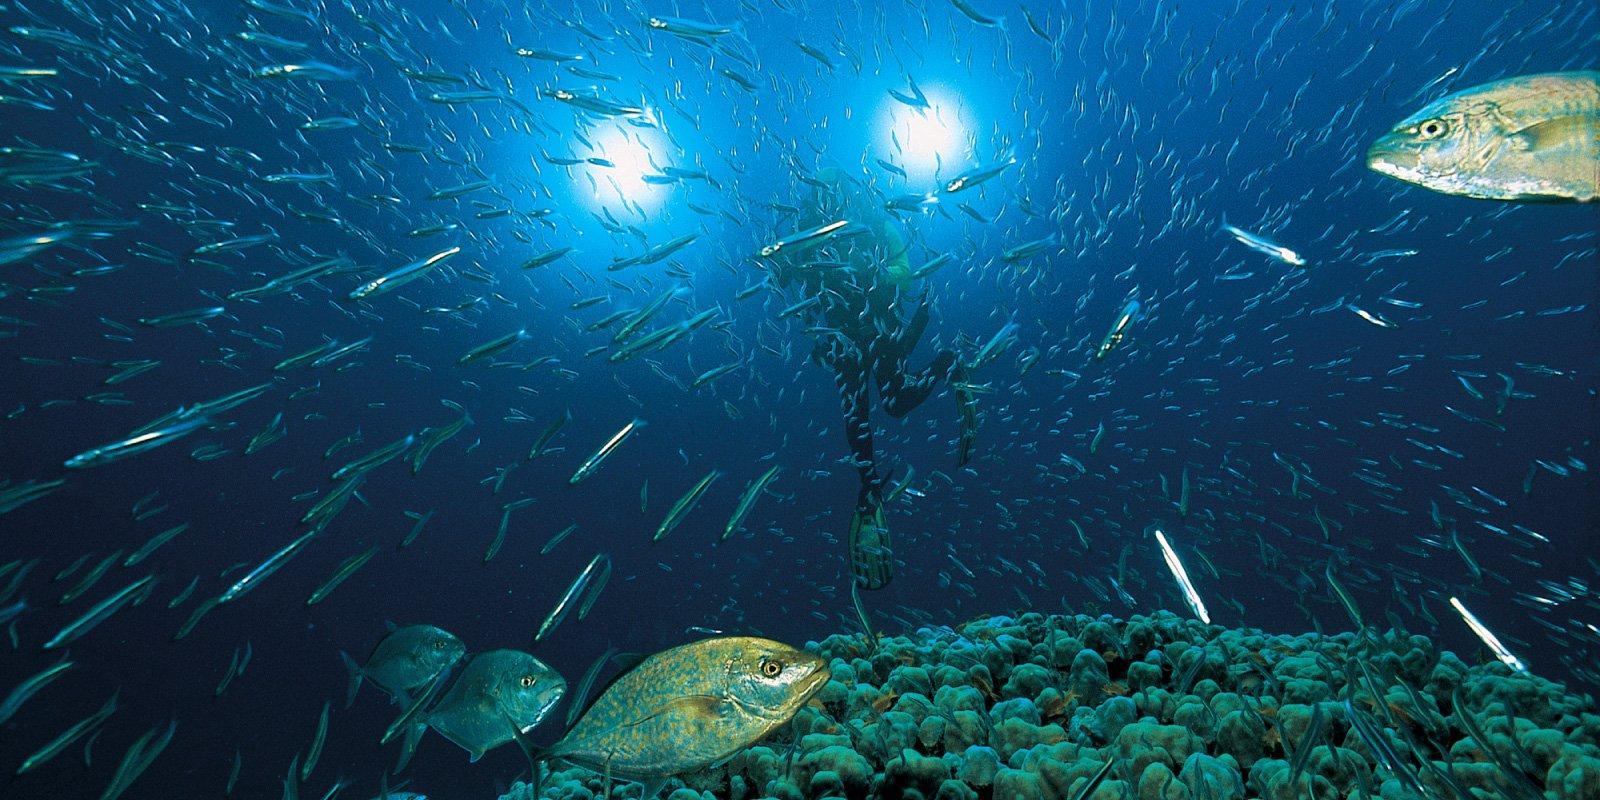 El último santuario del océano amenazado por los intereses de algunos